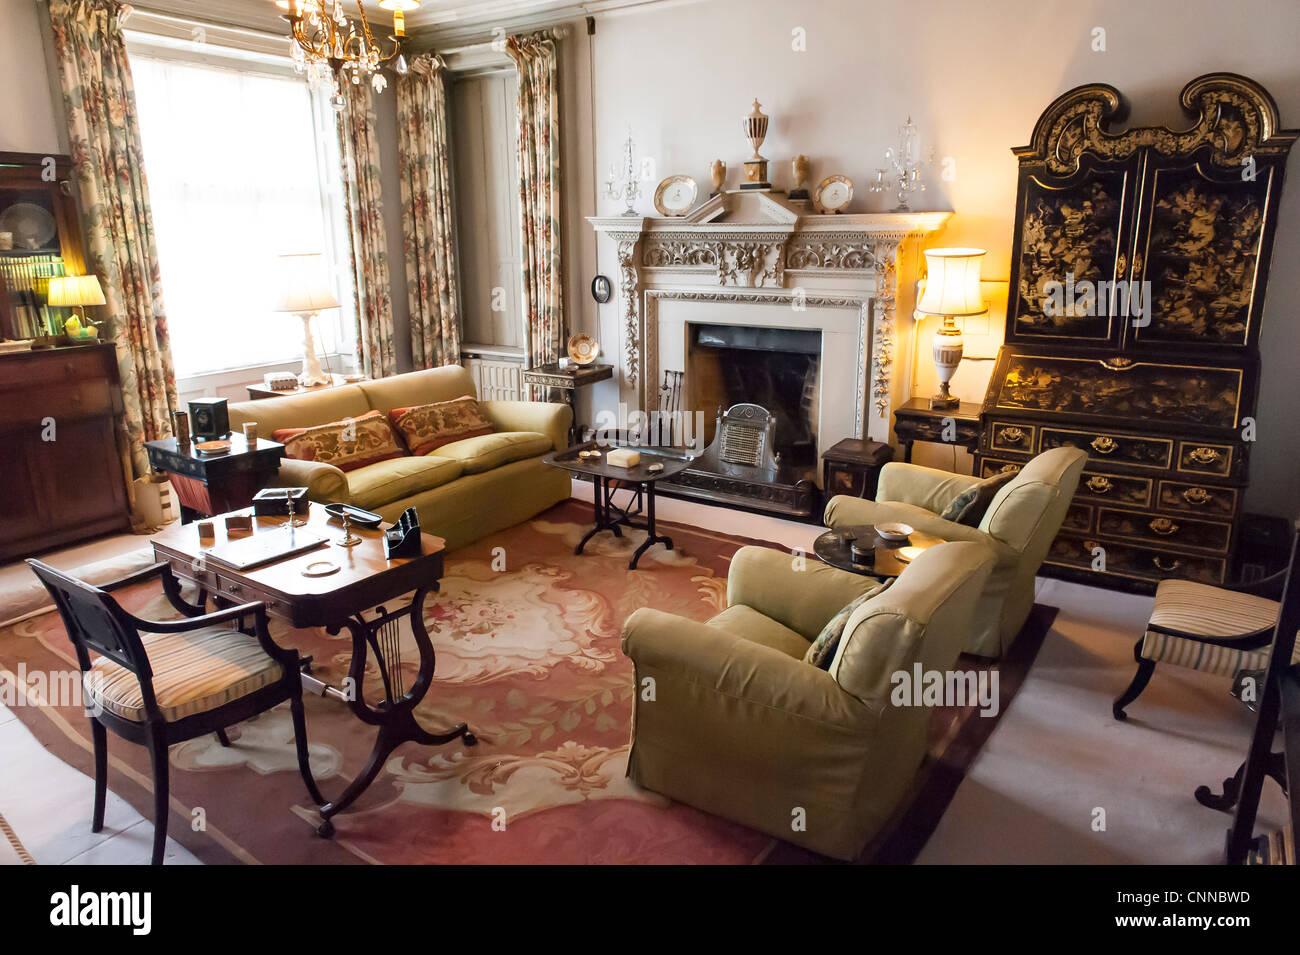 Wohnzimmer Innenraum Eines Viktorianischen Stil Englischen